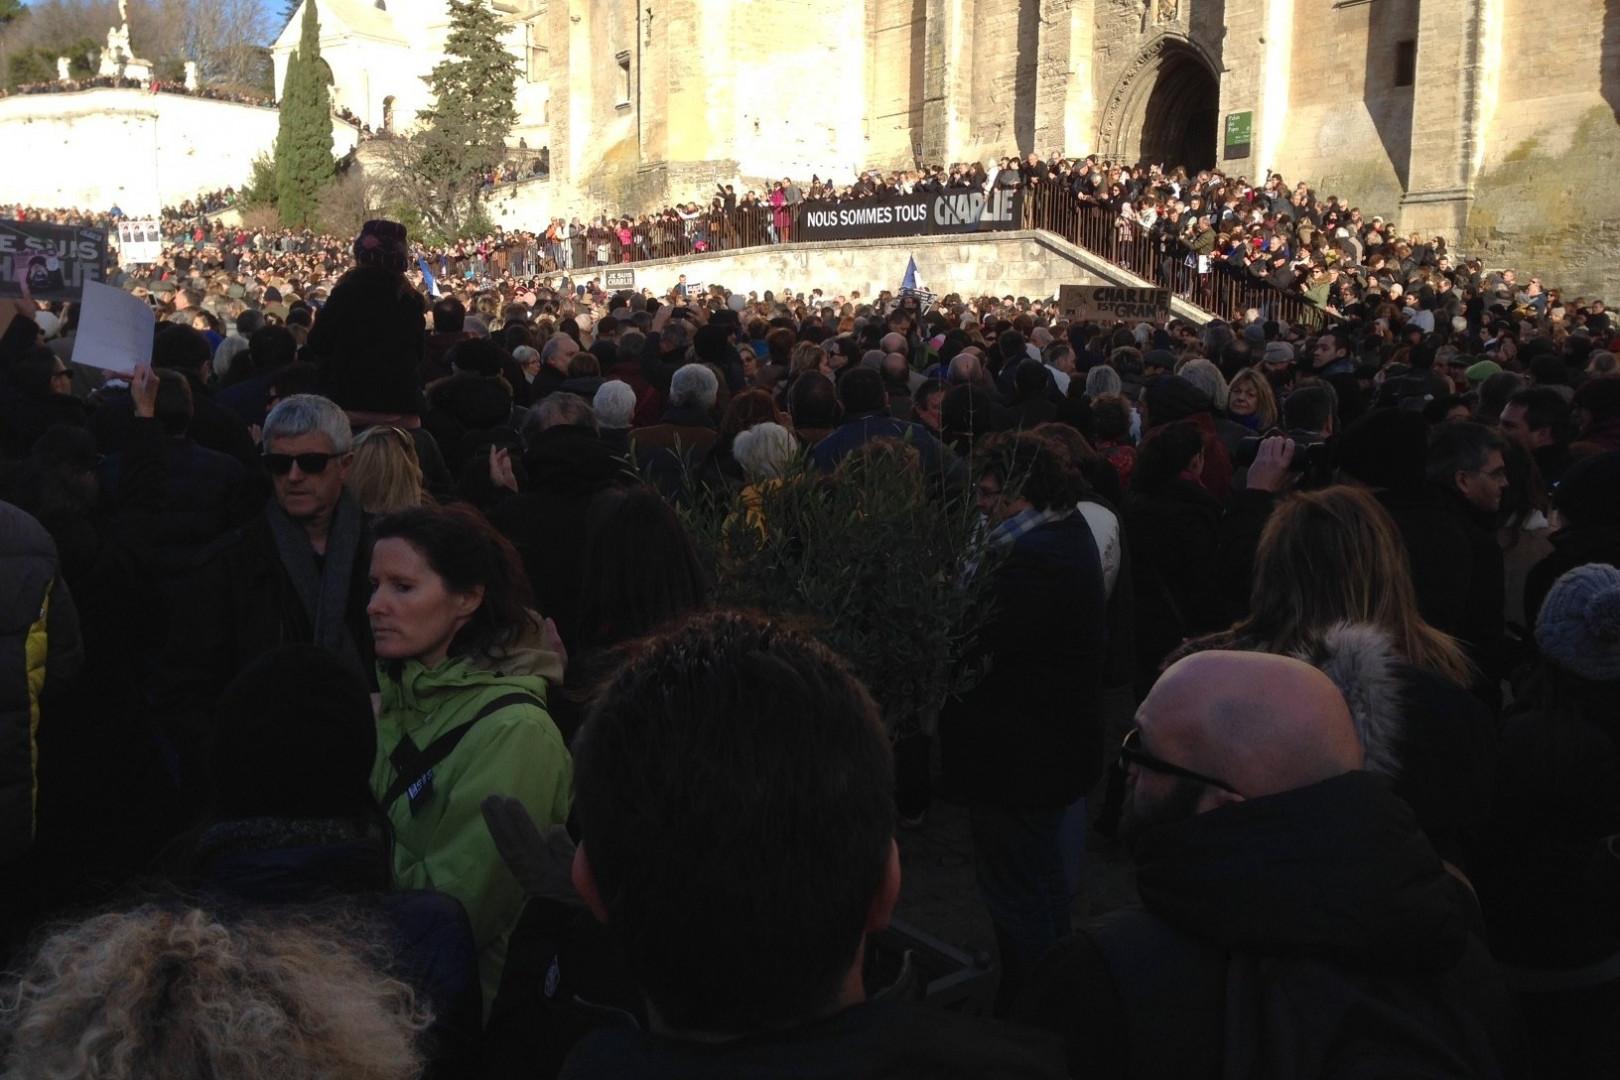 Beaucoup de monde dans le rassemblement à Avignon